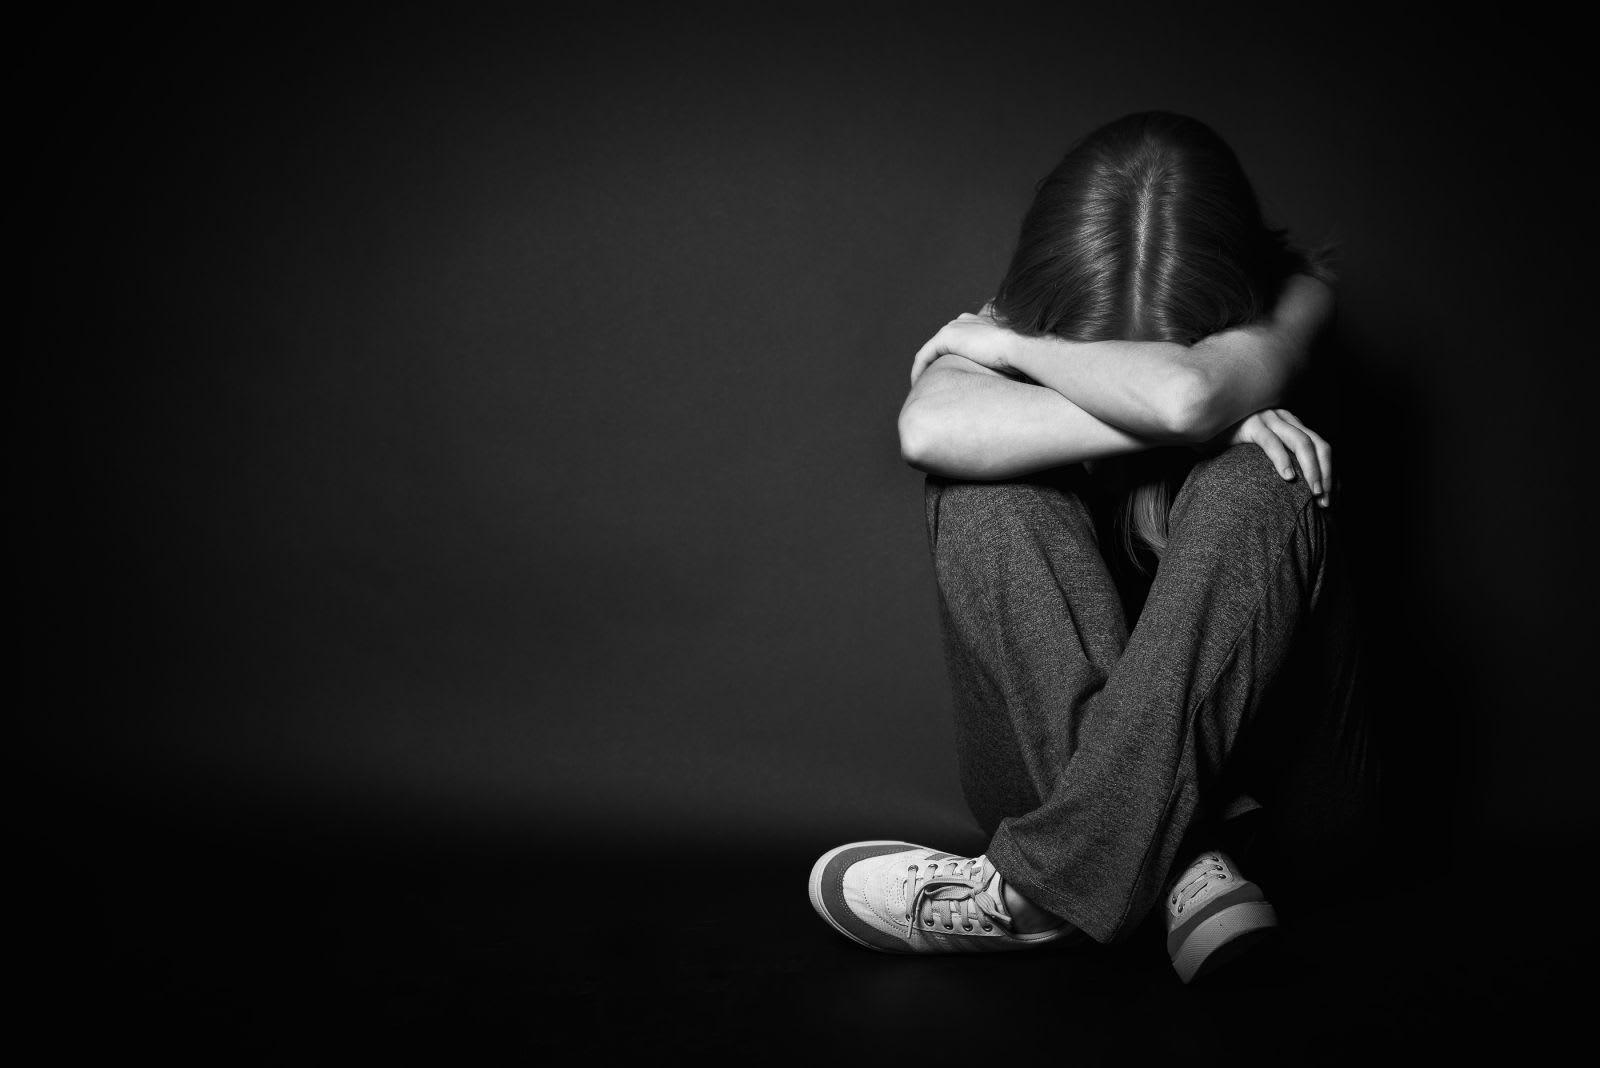 Hasil Penelitian Ungkap 97 Persen Mahasiswa Alami Kecemasan Terkait Kelulusan